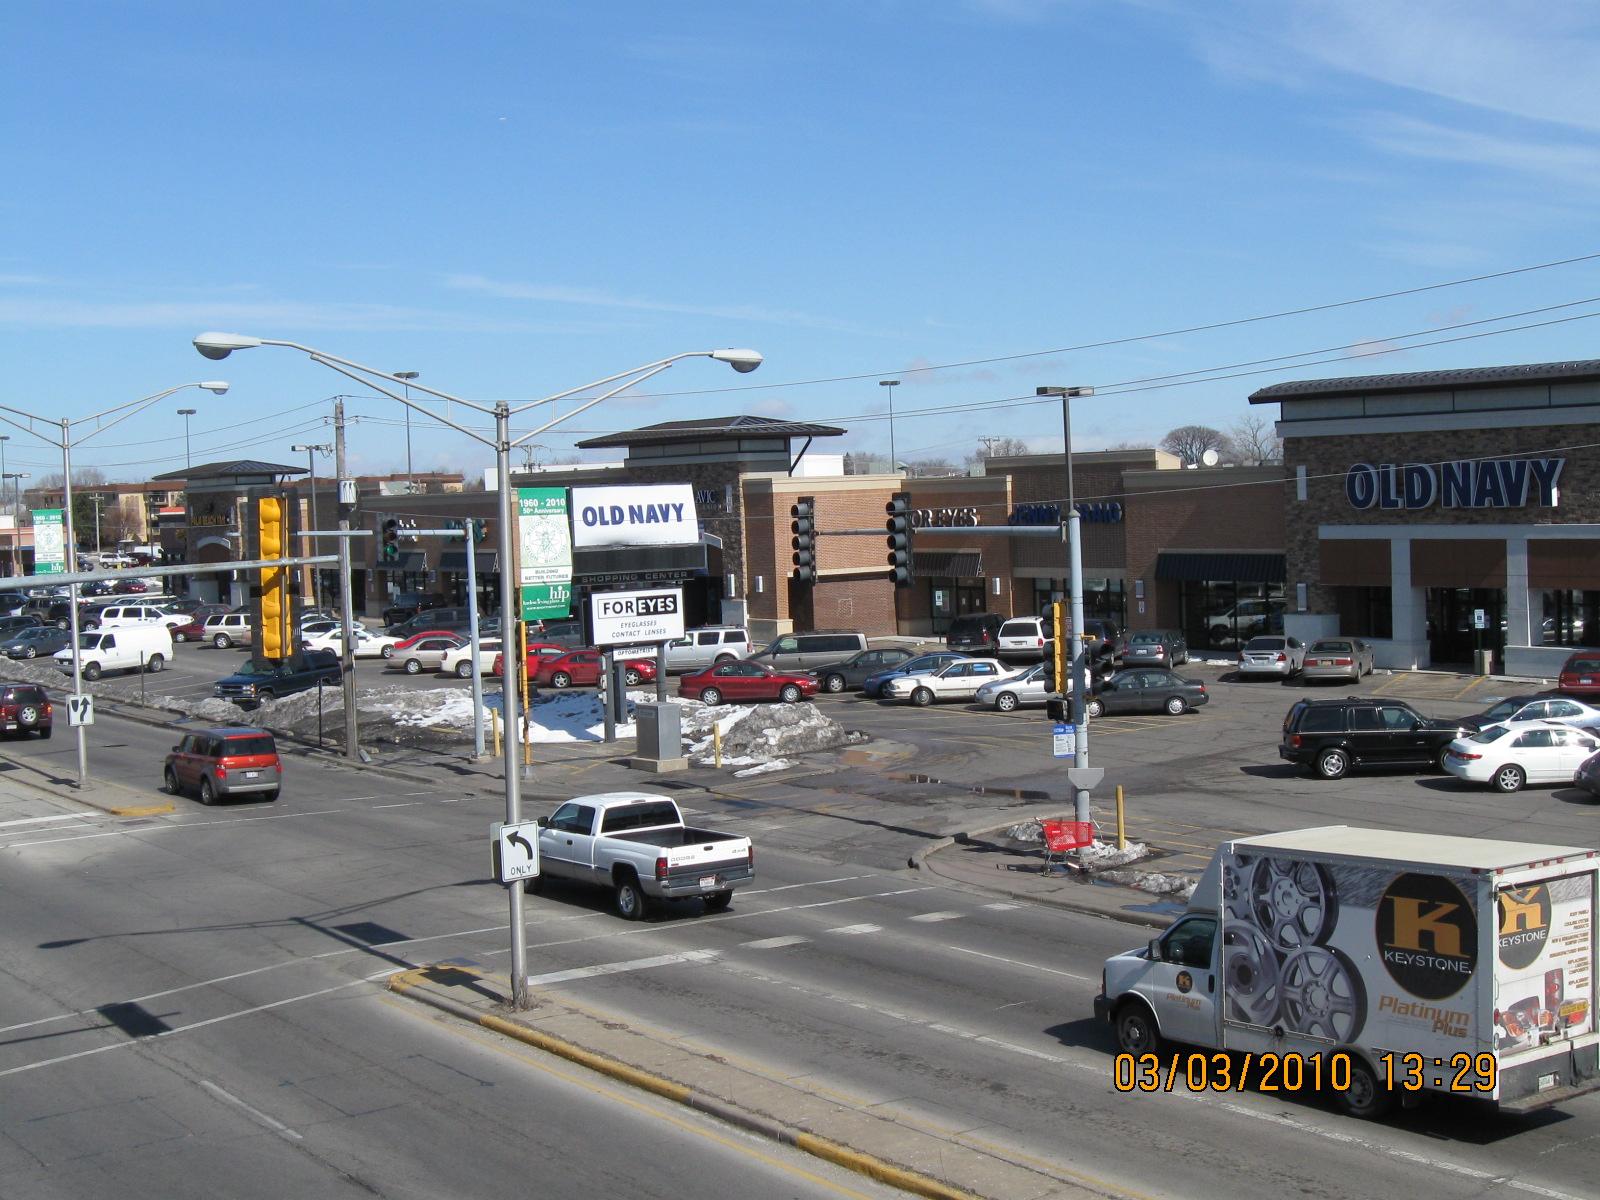 Norridge Plaza2 A1 Roofinga1 Roofing